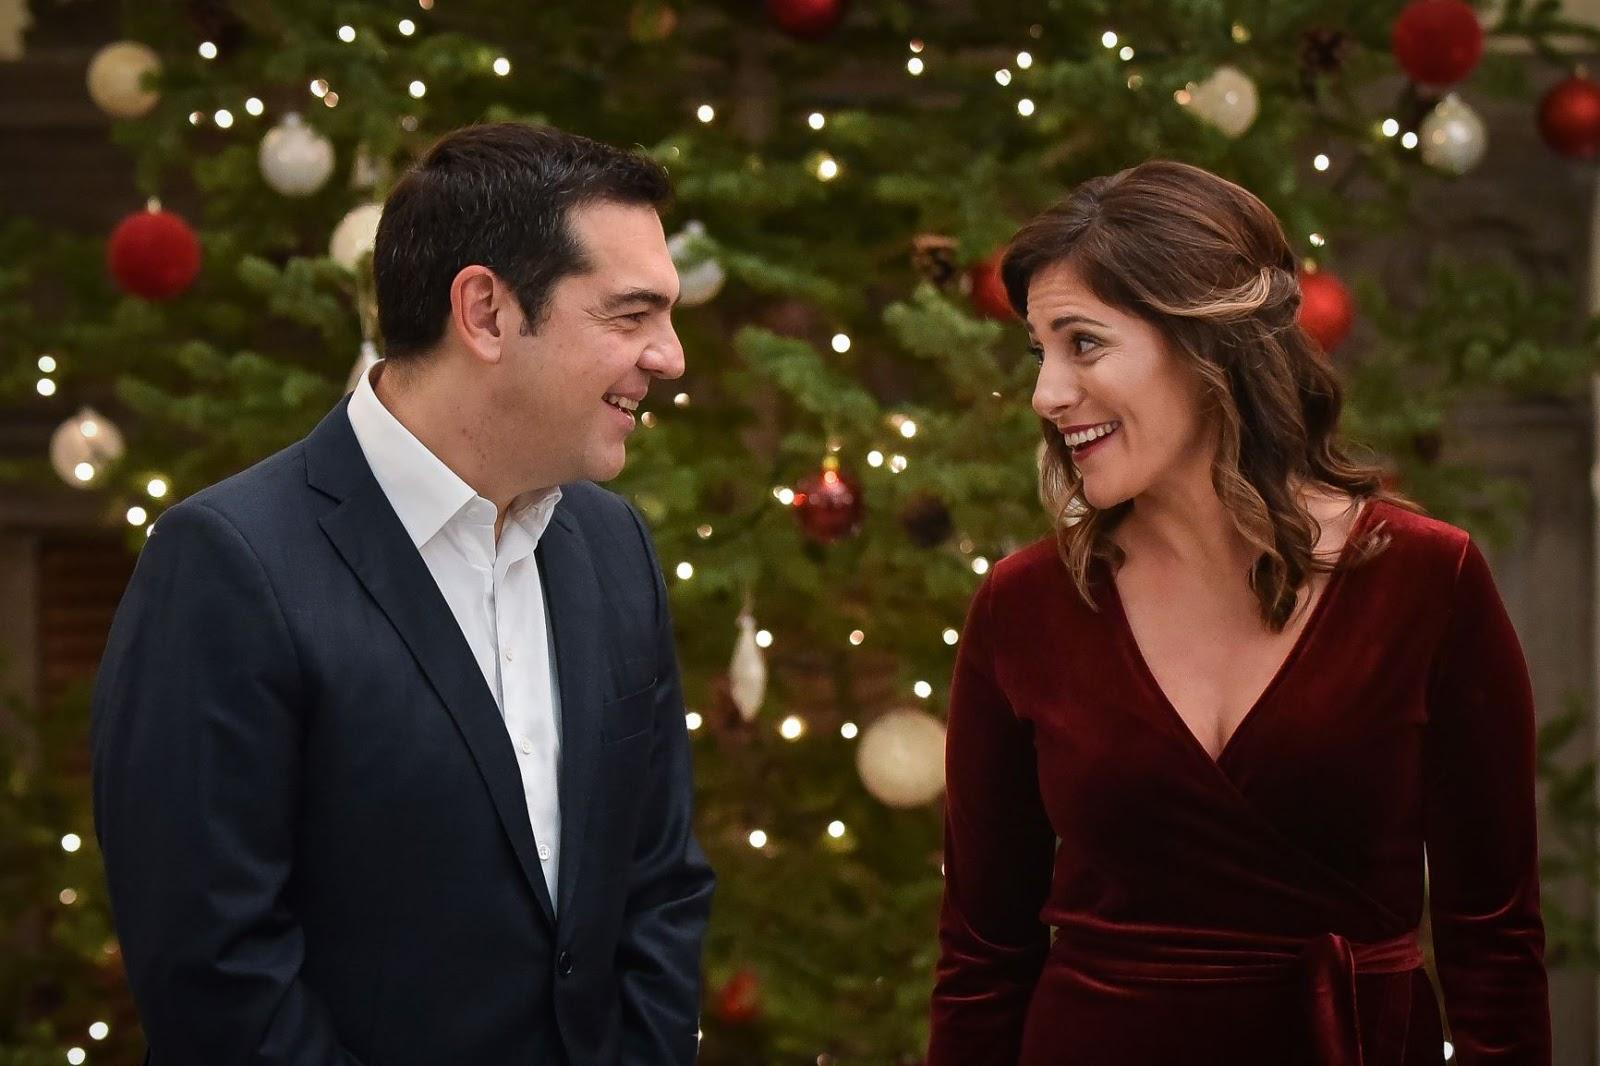 Η σύζυγος του Αλέξη Τσίπρα, Μπέτυ Μπαζιάνα, επίκουρη καθηγήτρια του Πανεπιστημίου Θεσσαλίας στο Τμήμα Πληροφορική Λάρισας